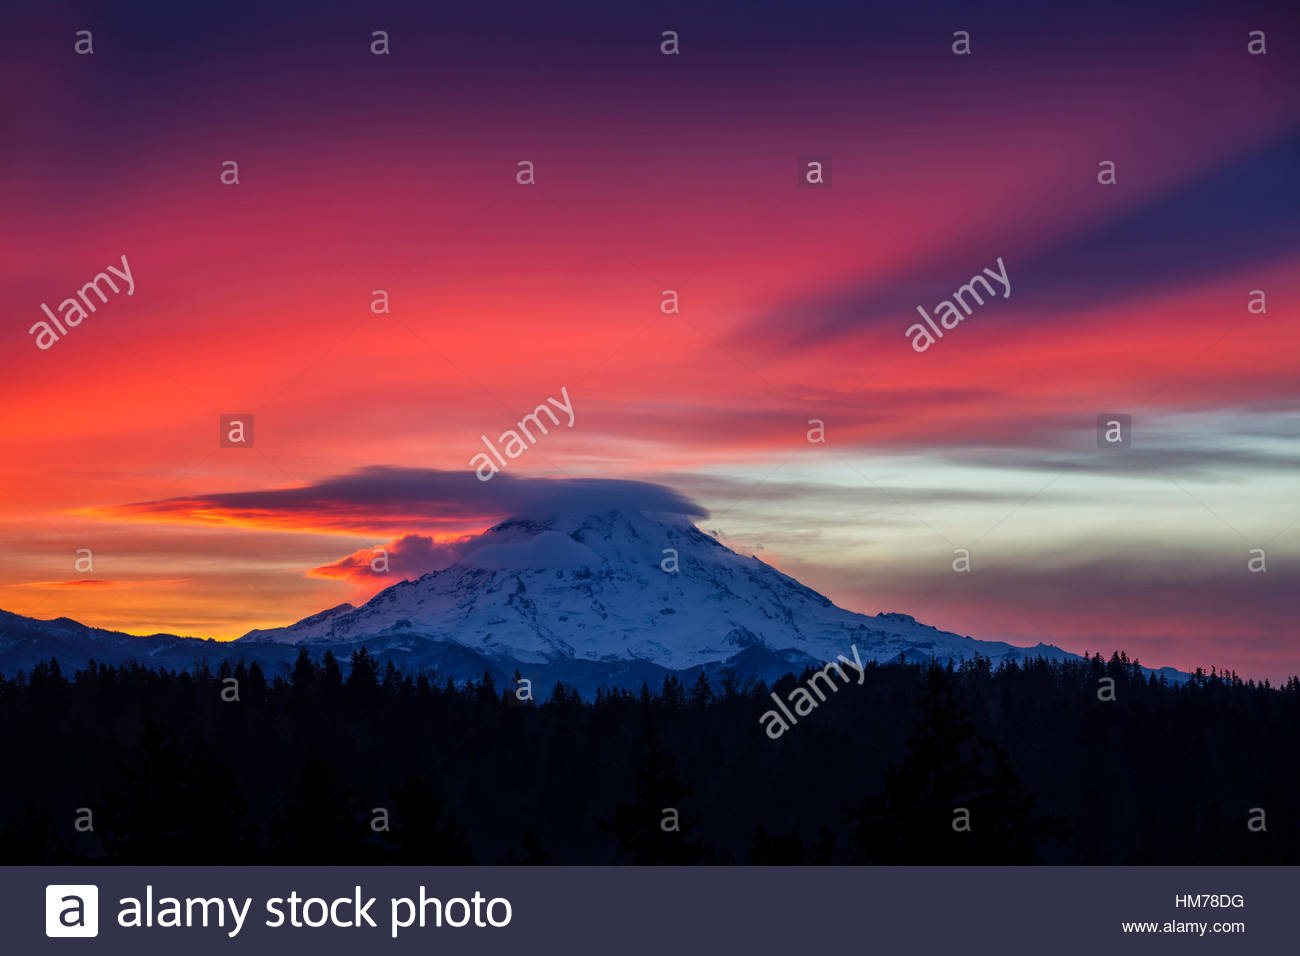 Au lever du soleil, le Mont Rainier jette son ombre sur une couche de nuages cirrostratus dans cette vue de Bonney Photo Stock